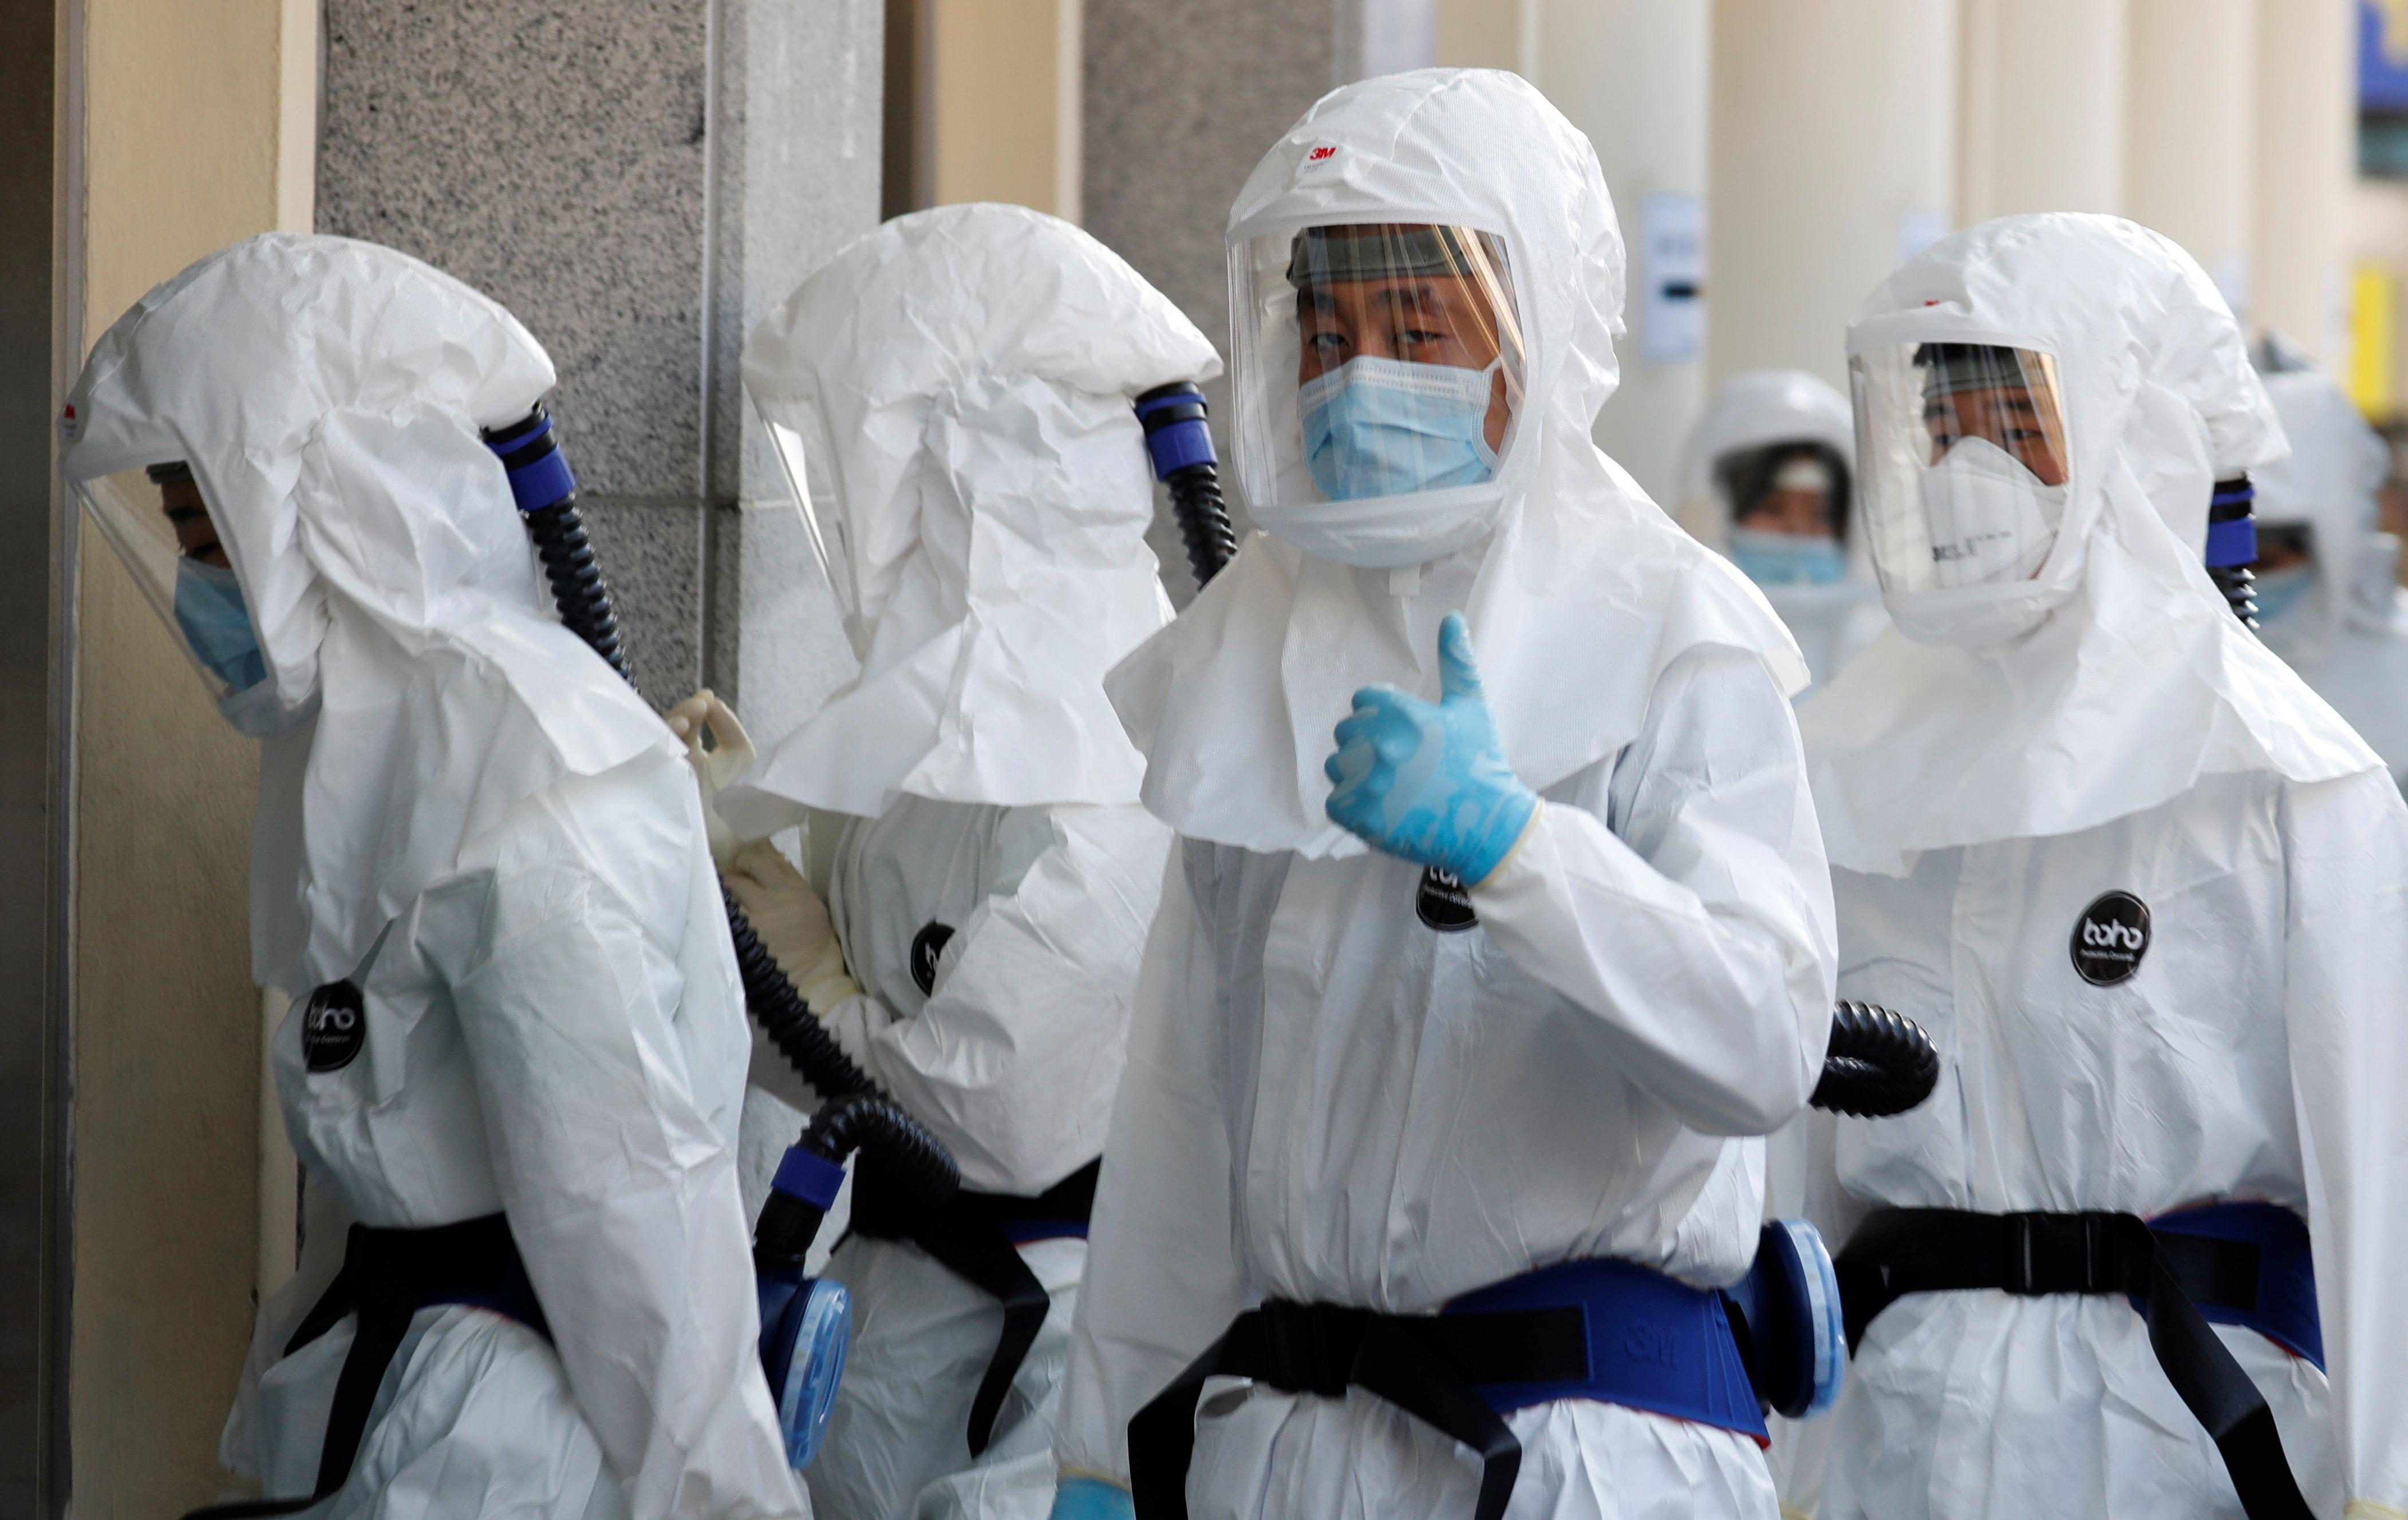 Un equipo médico entra en un hospital para tratar a pacientes con coronavirus en Corea del Sur (REUTERS/Kim Kyung-Hoon)